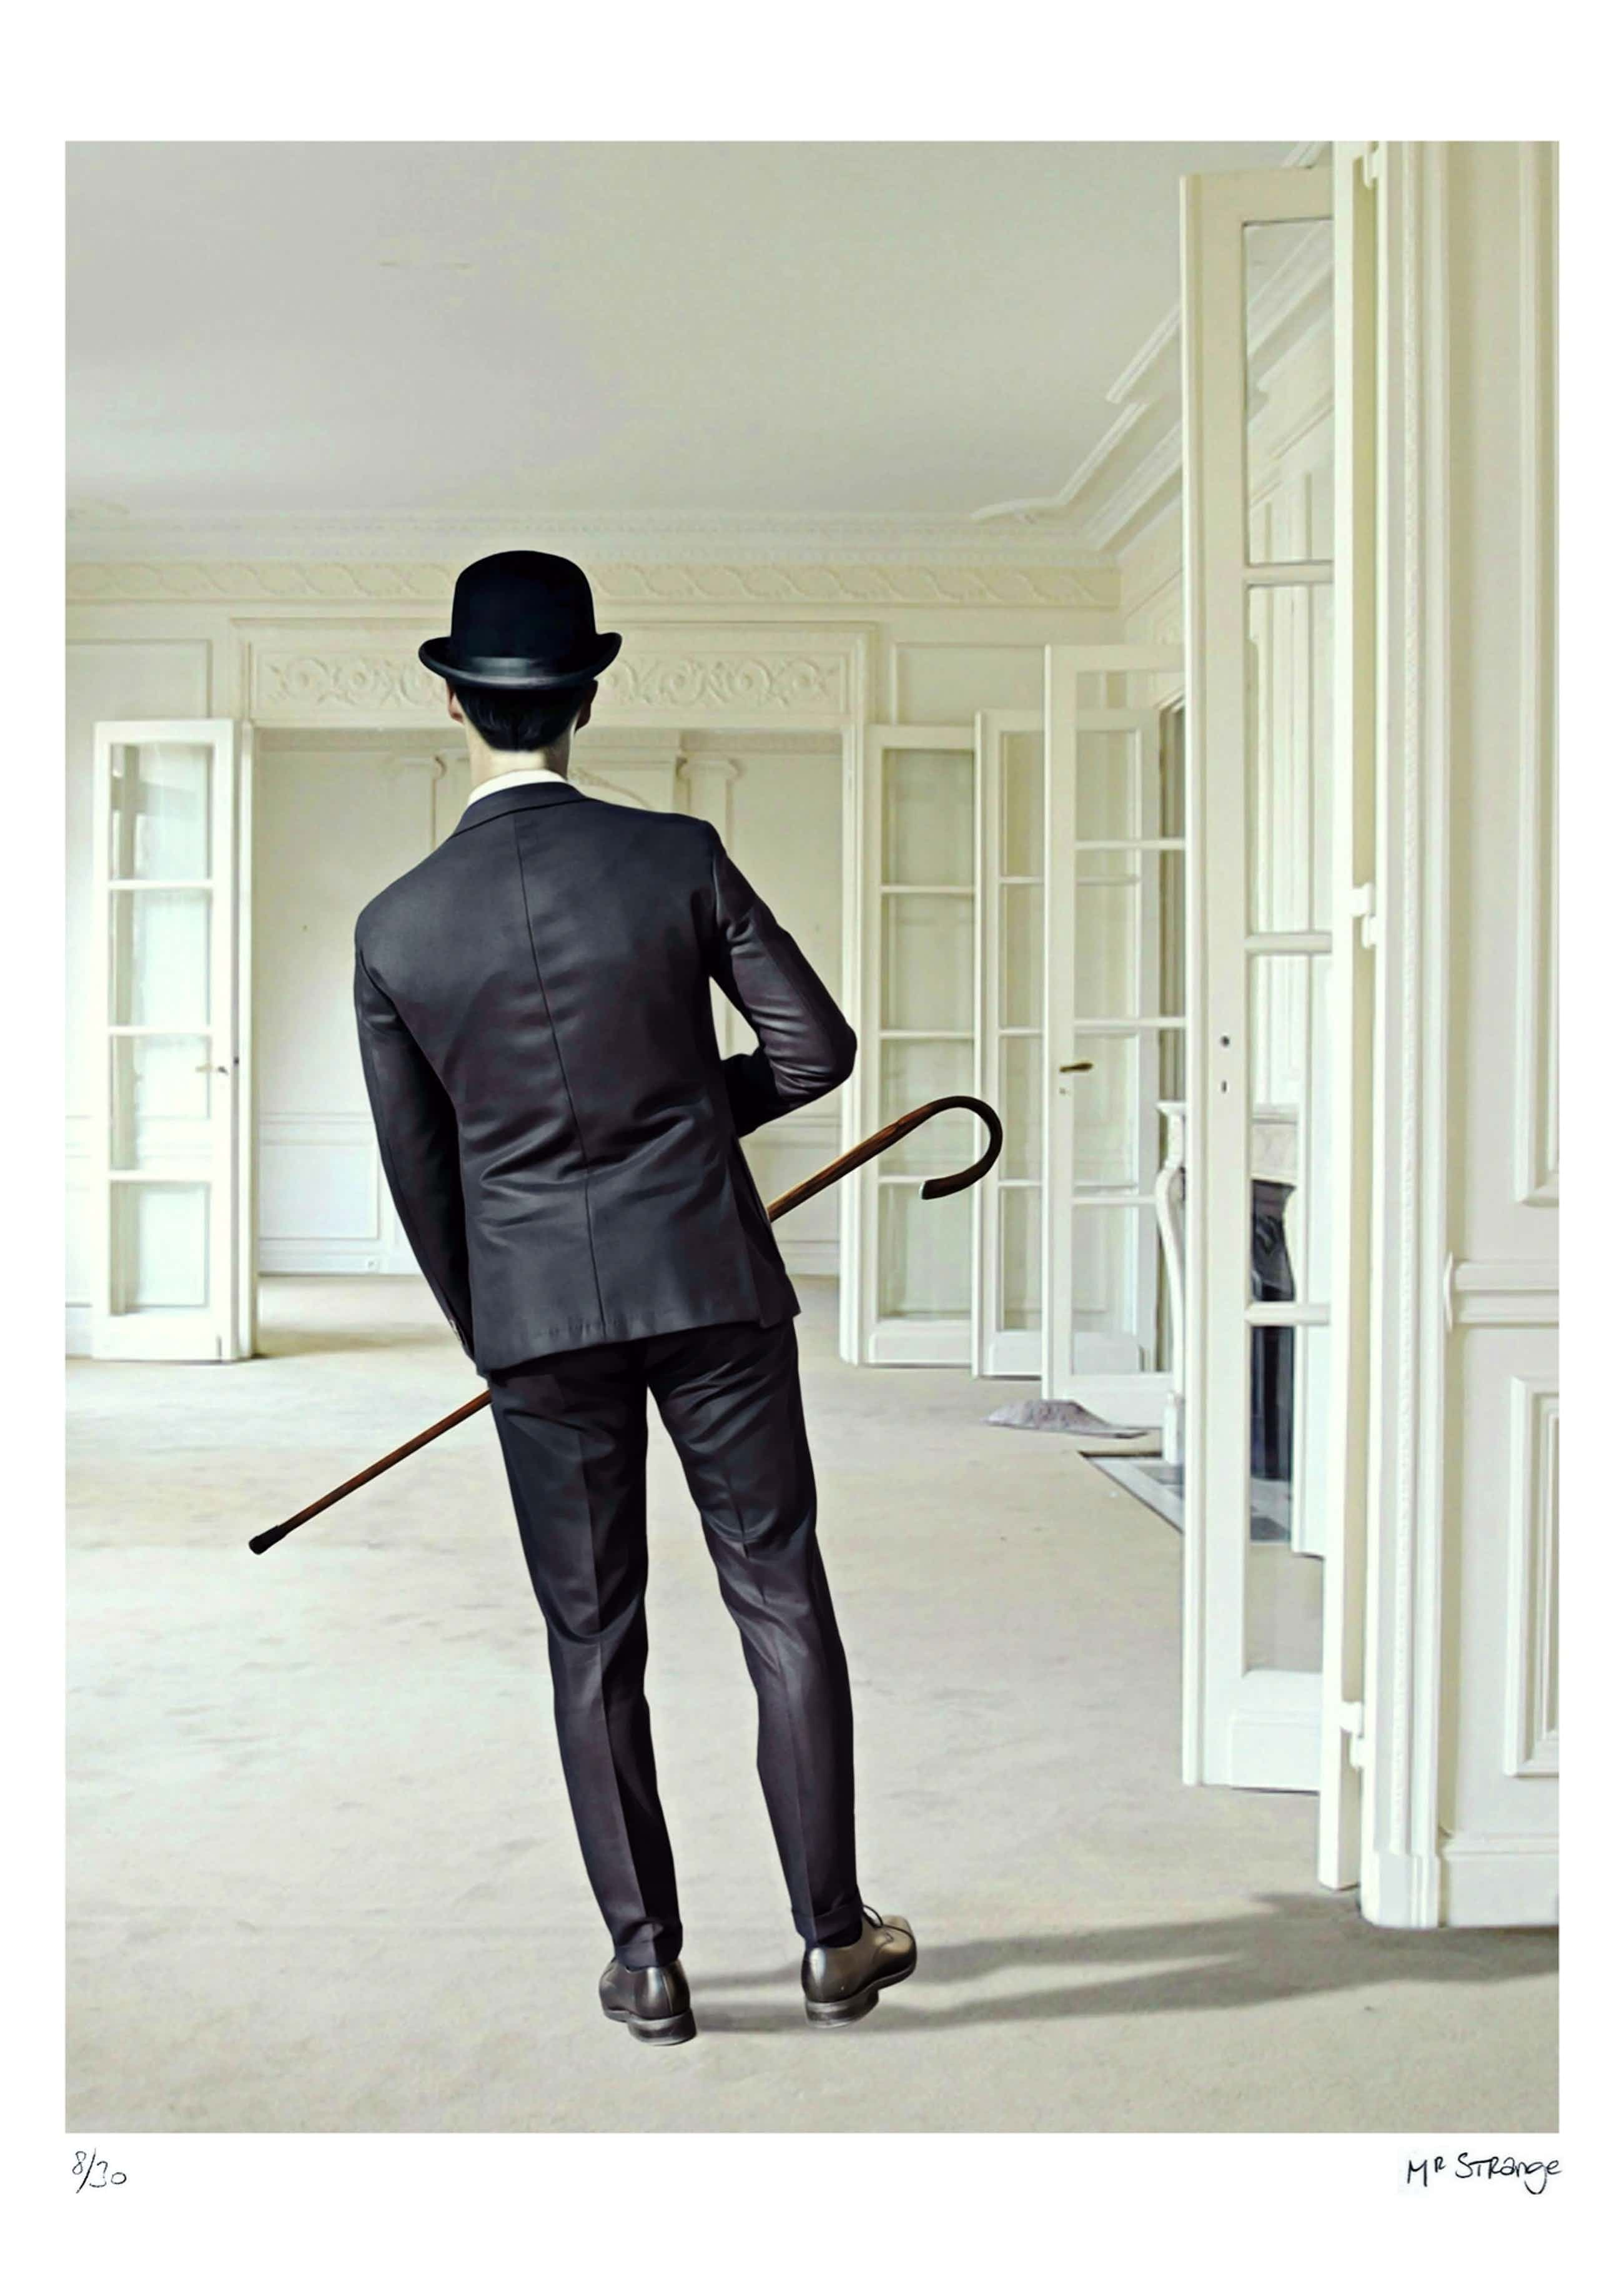 Mr. Strange - The dancer kopen? Bied vanaf 50!